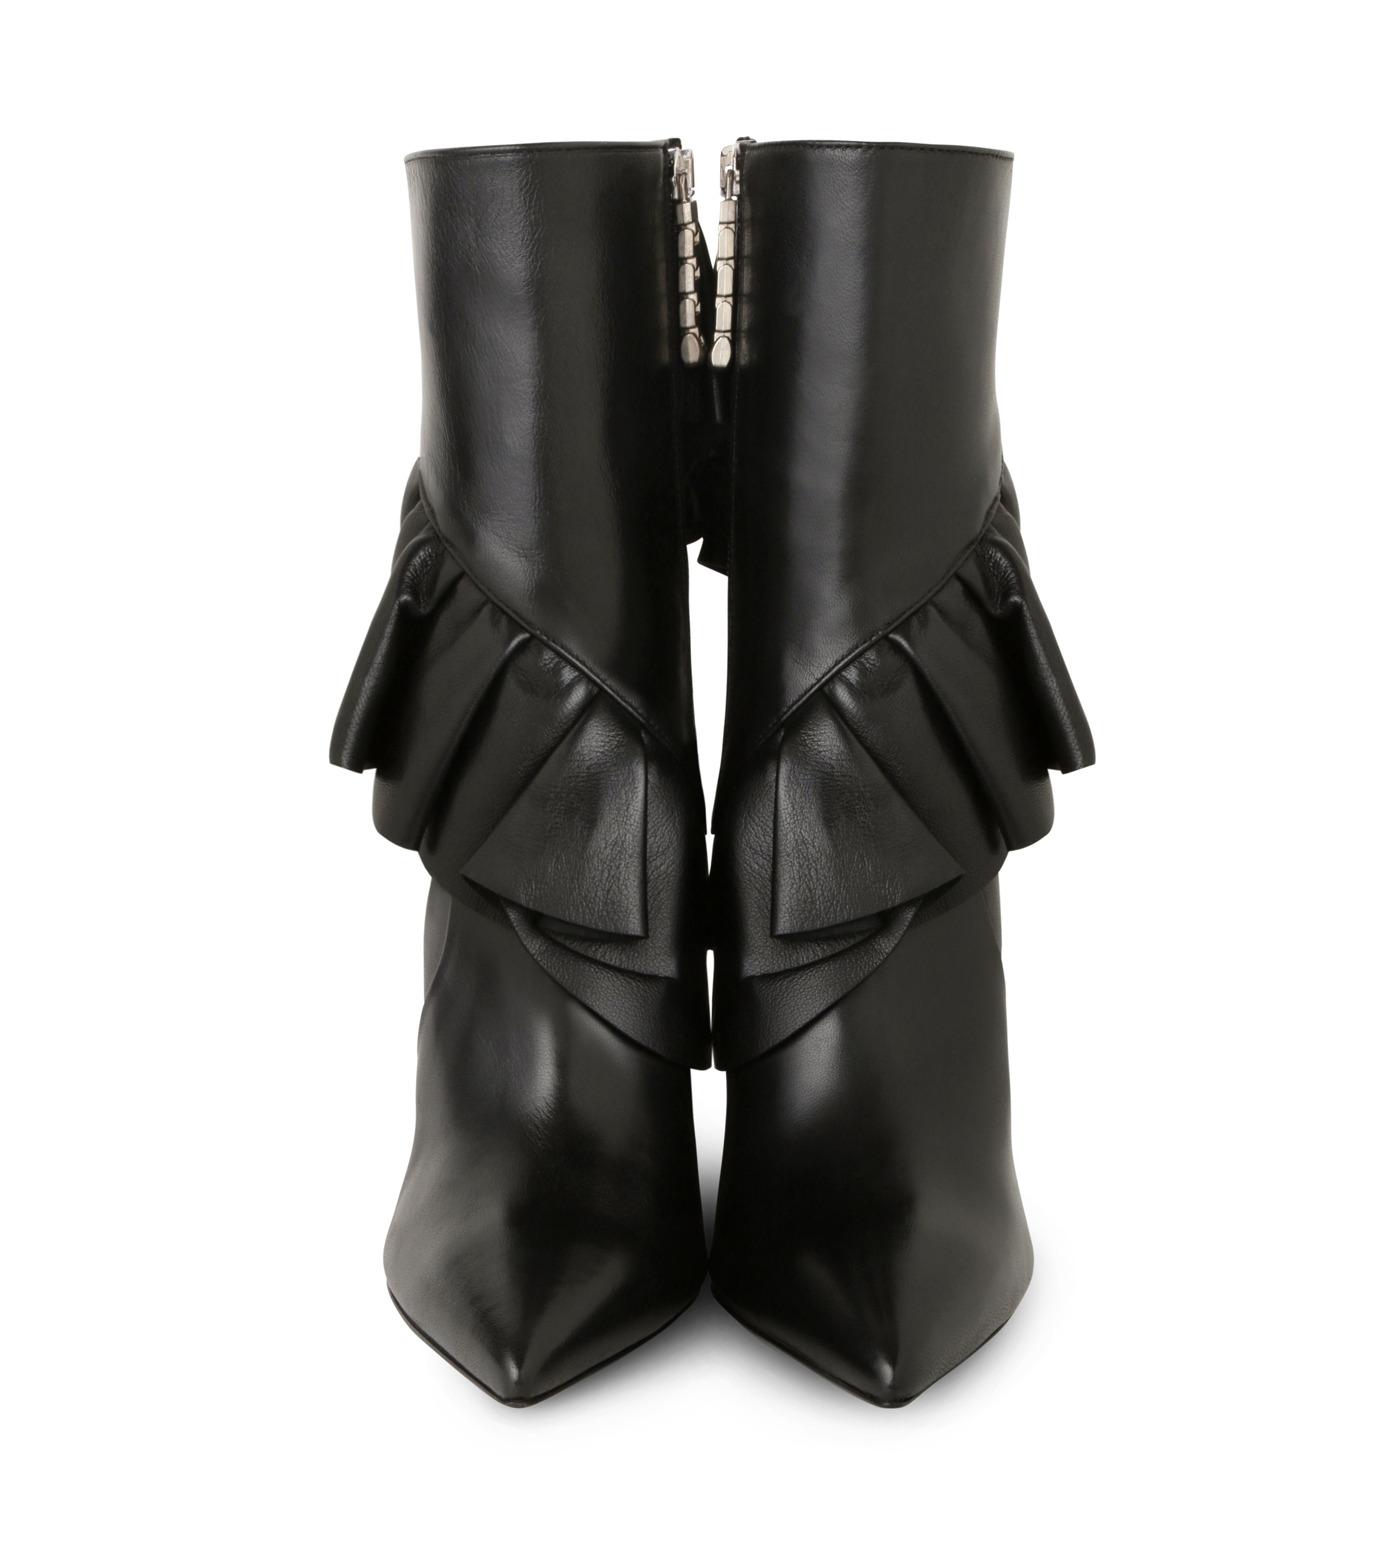 J.W.Anderson(ジェイダブリュー アンダーソン)のMid Calf Ruffle Boot-BLACK(ブーツ/boots)-JWAFW03C-13 拡大詳細画像4